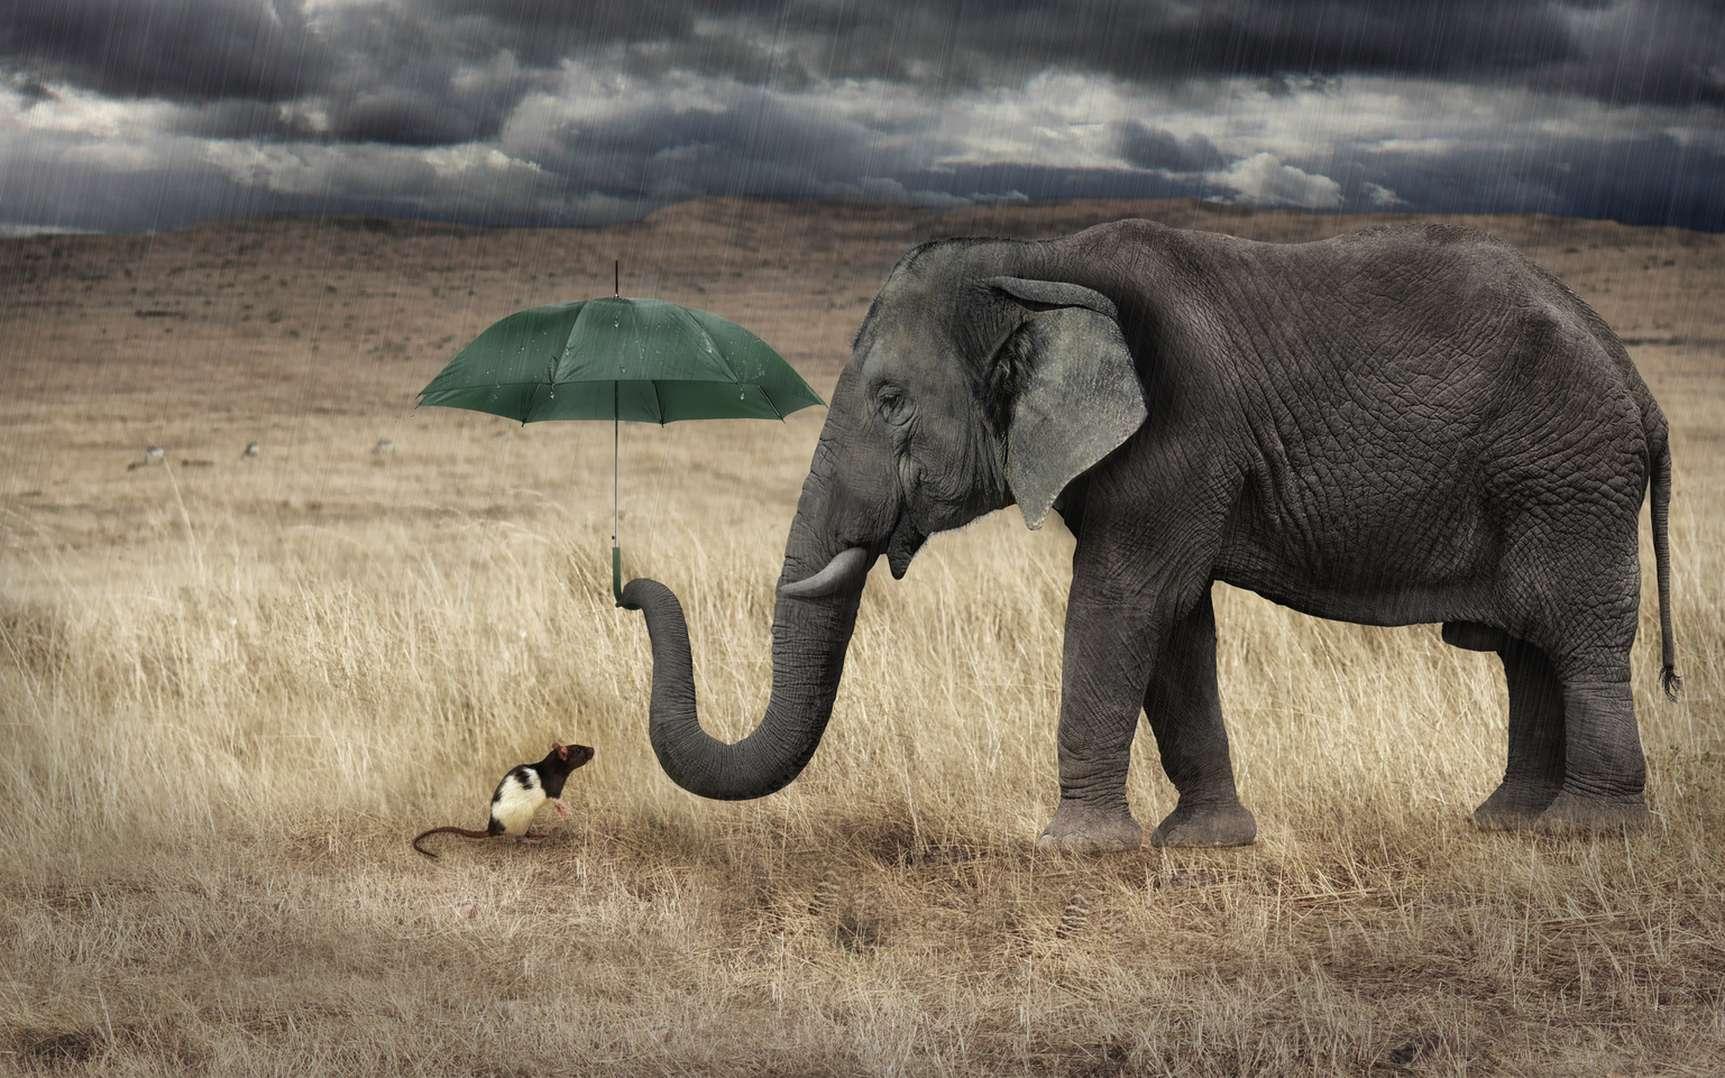 Les éléphants ont-ils réellement peur des souris ? © Ettore, Fotolia